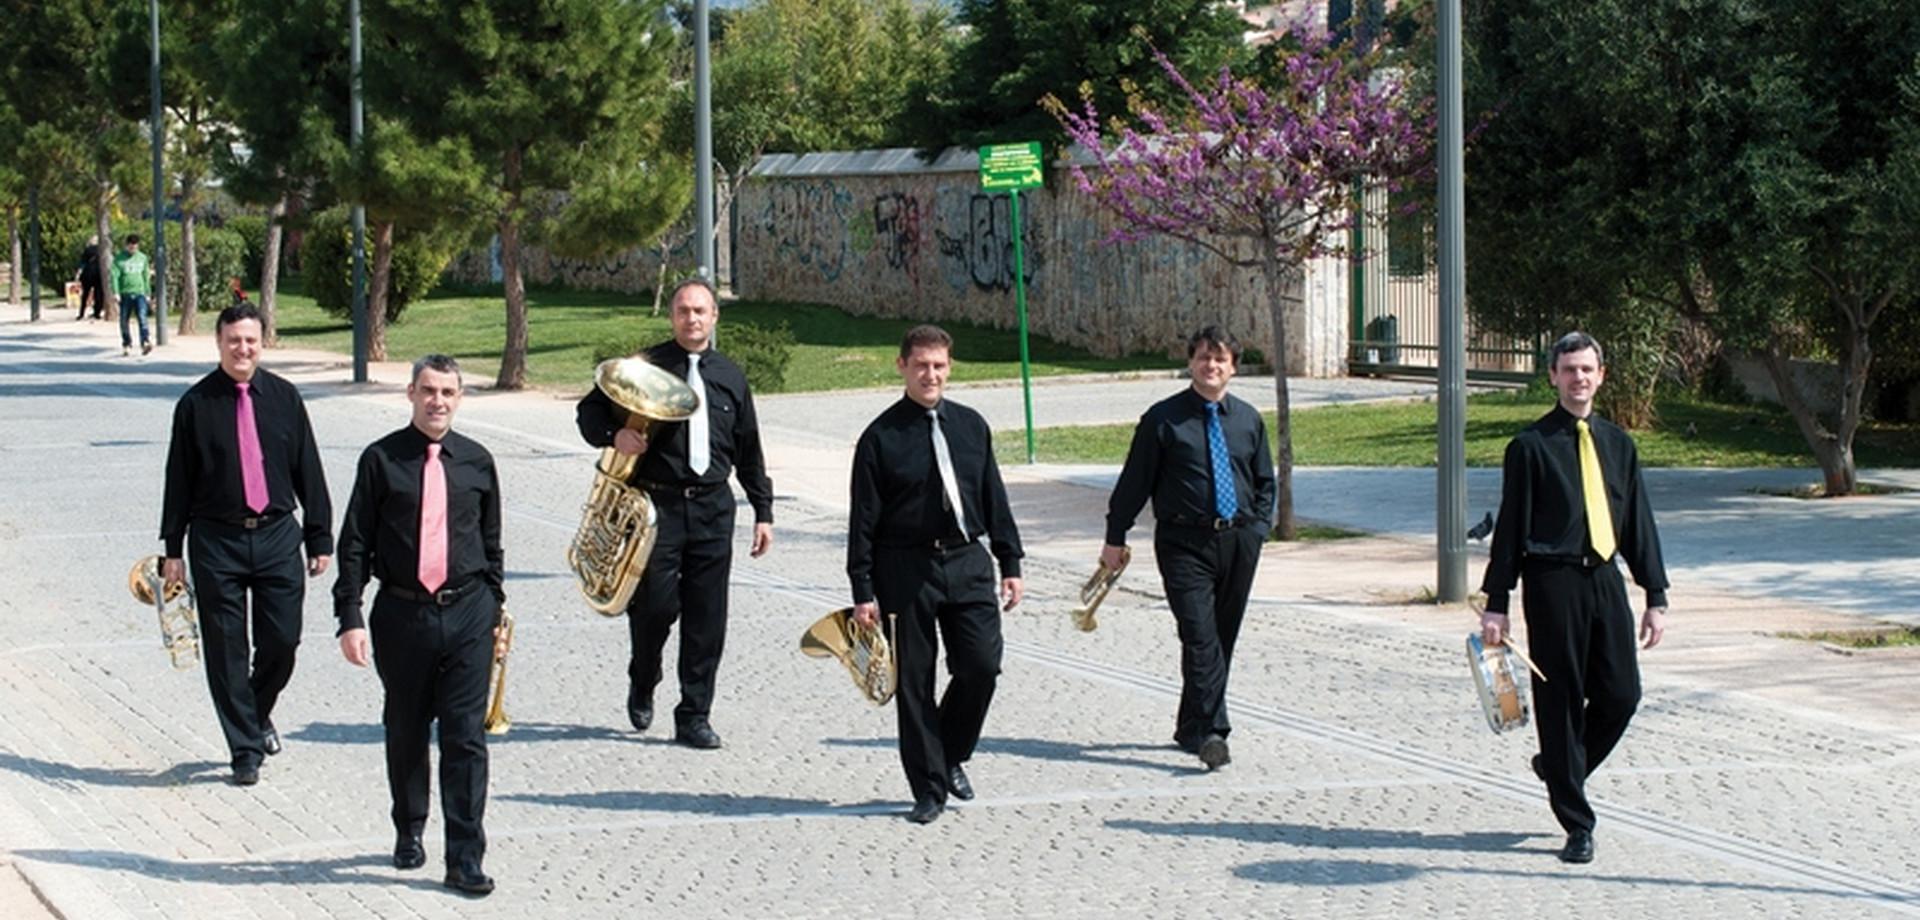 «Τα Χάλκινα γιορτάζουν» στο Μέγαρο Μουσικής Αθηνών